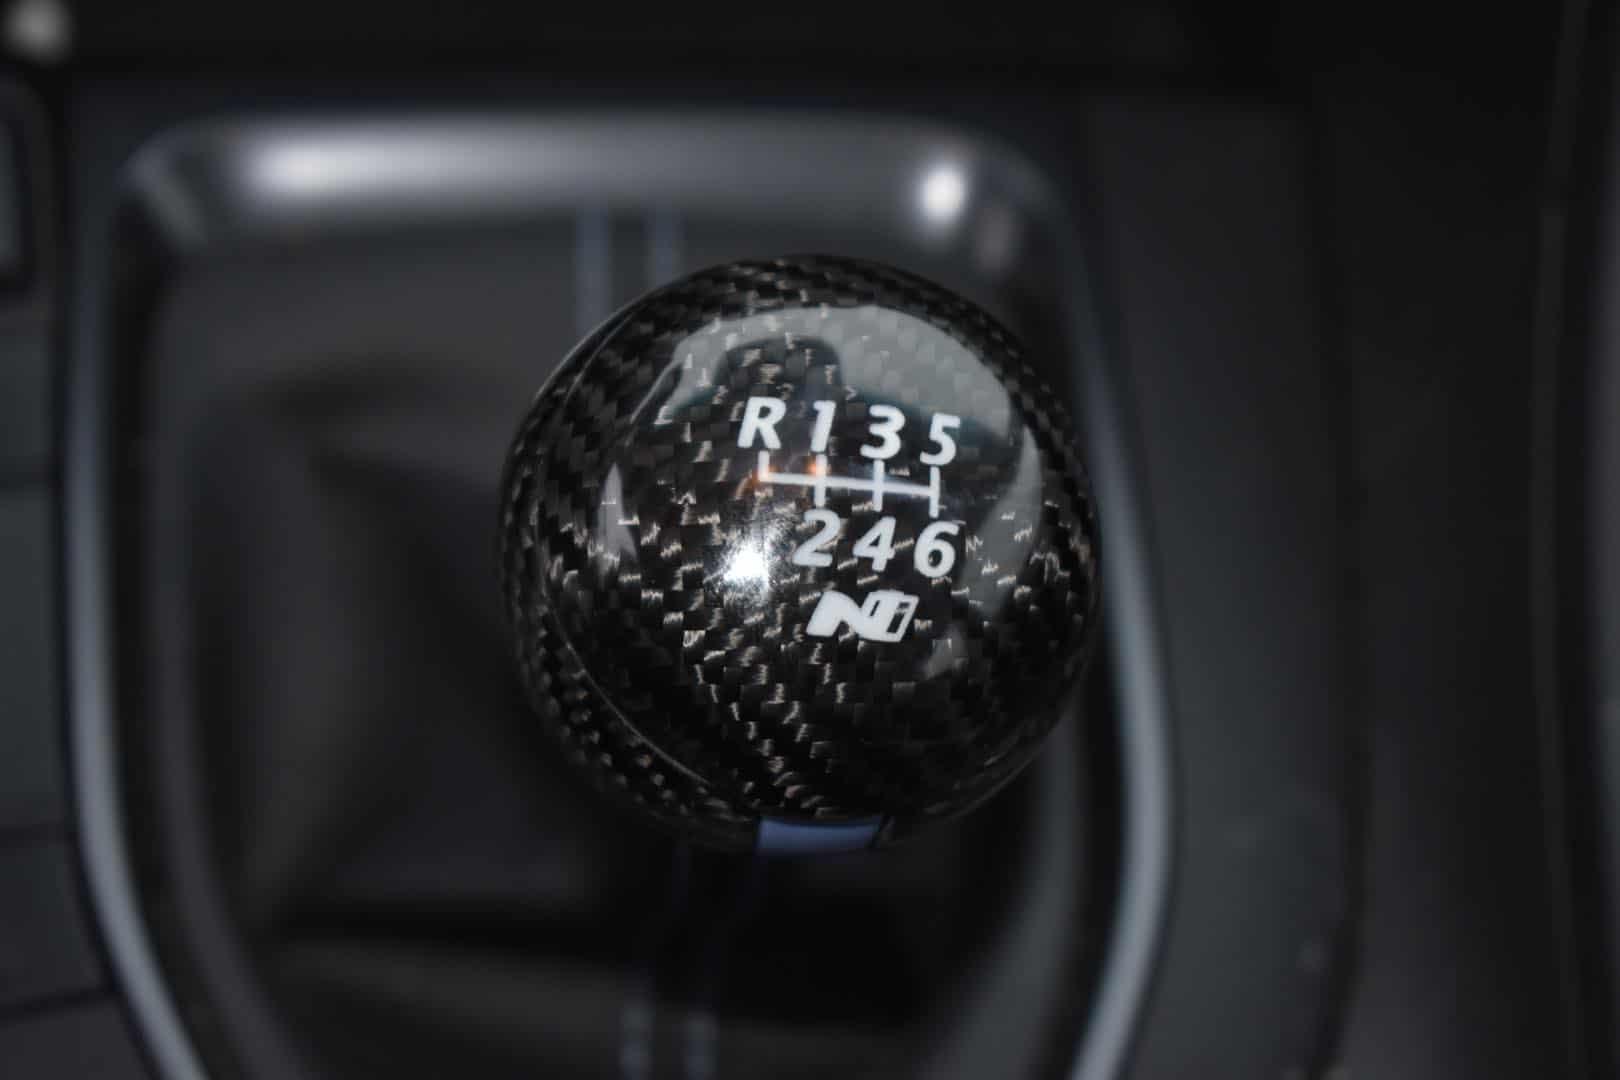 2019 Veloster/Veloster Turbo & Veloster N Carbon Fiber Shift Knob